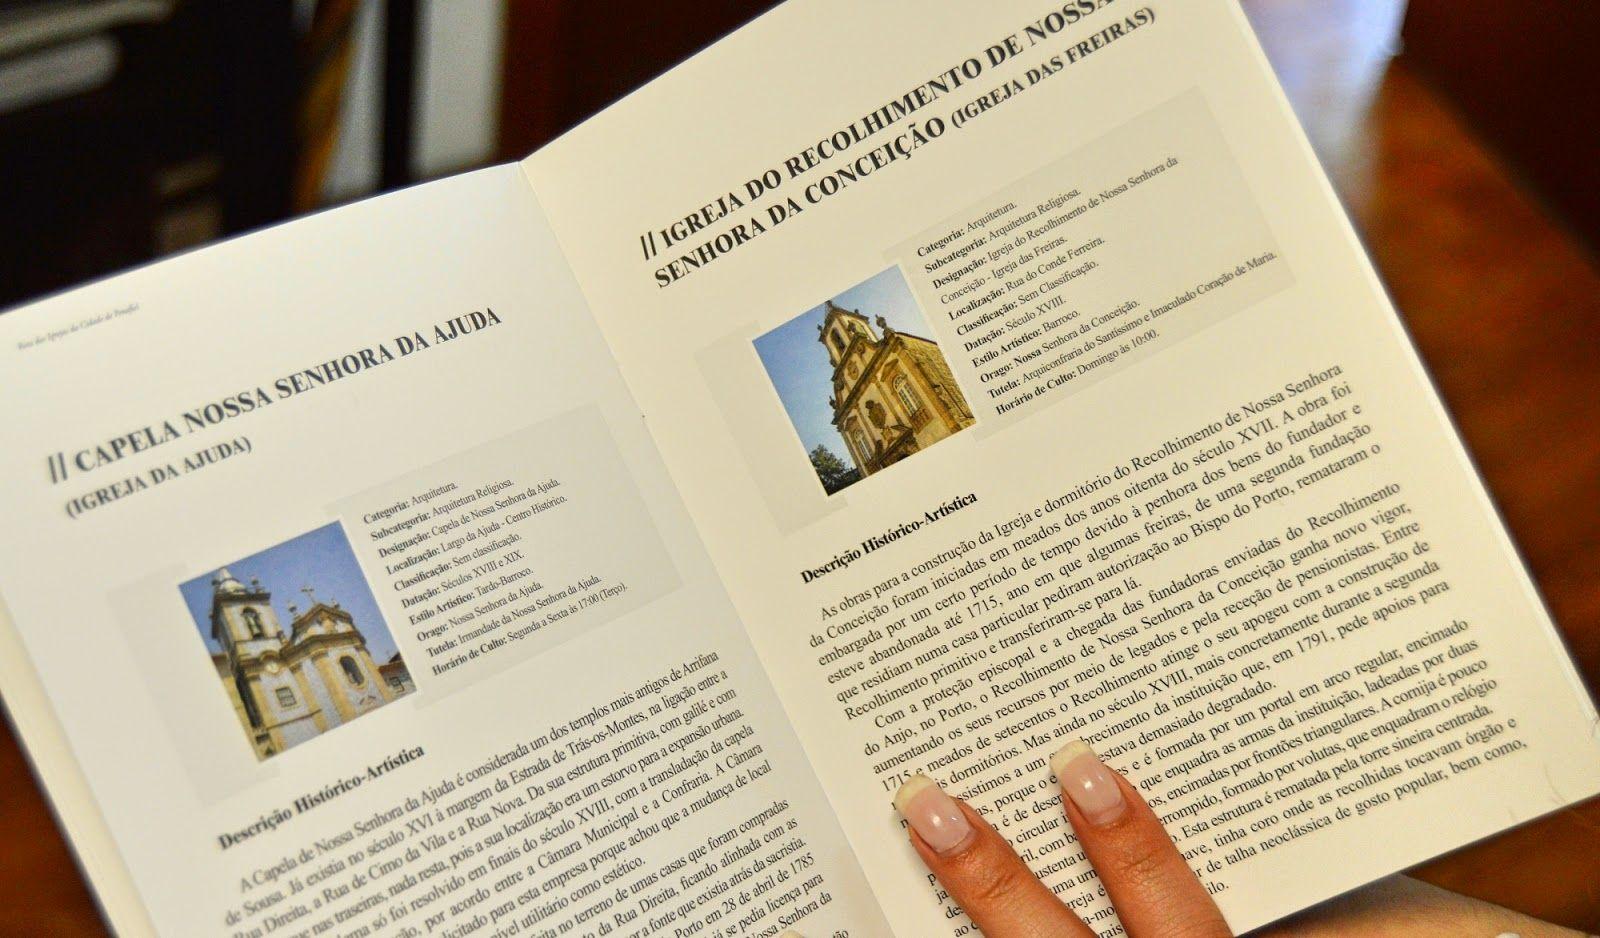 Rota das Igrejas #penafiel http://youandidea.blogspot.pt/2014/05/rota-das-igrejas-em-penafiel-parceria.html